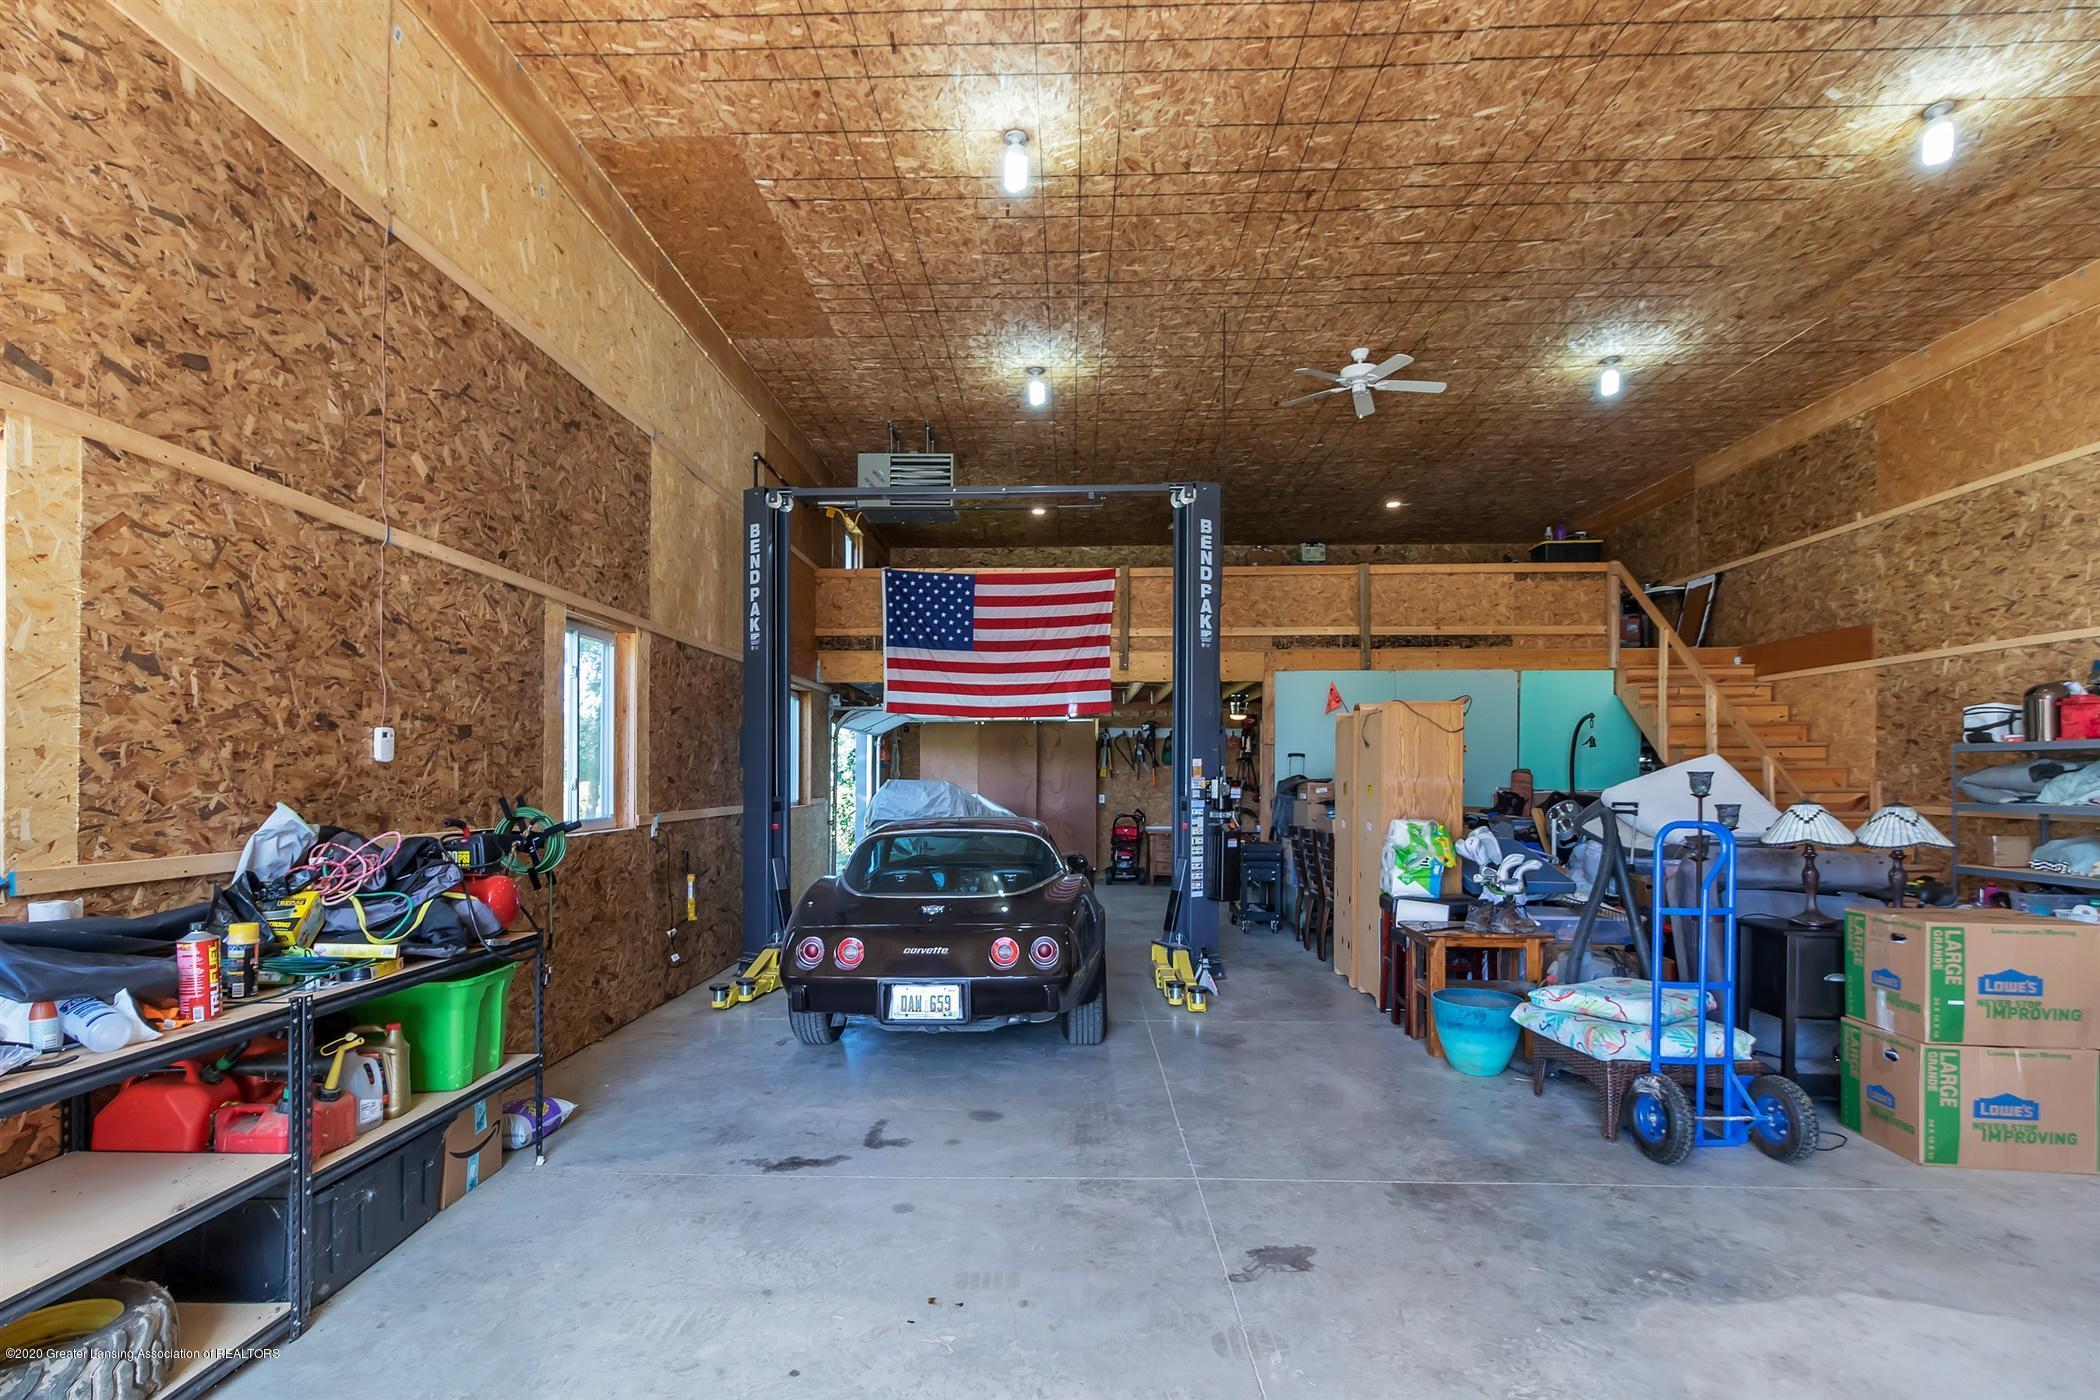 7346 W Cutler Rd - LOFT ABOVE, CAR LIFT - 59